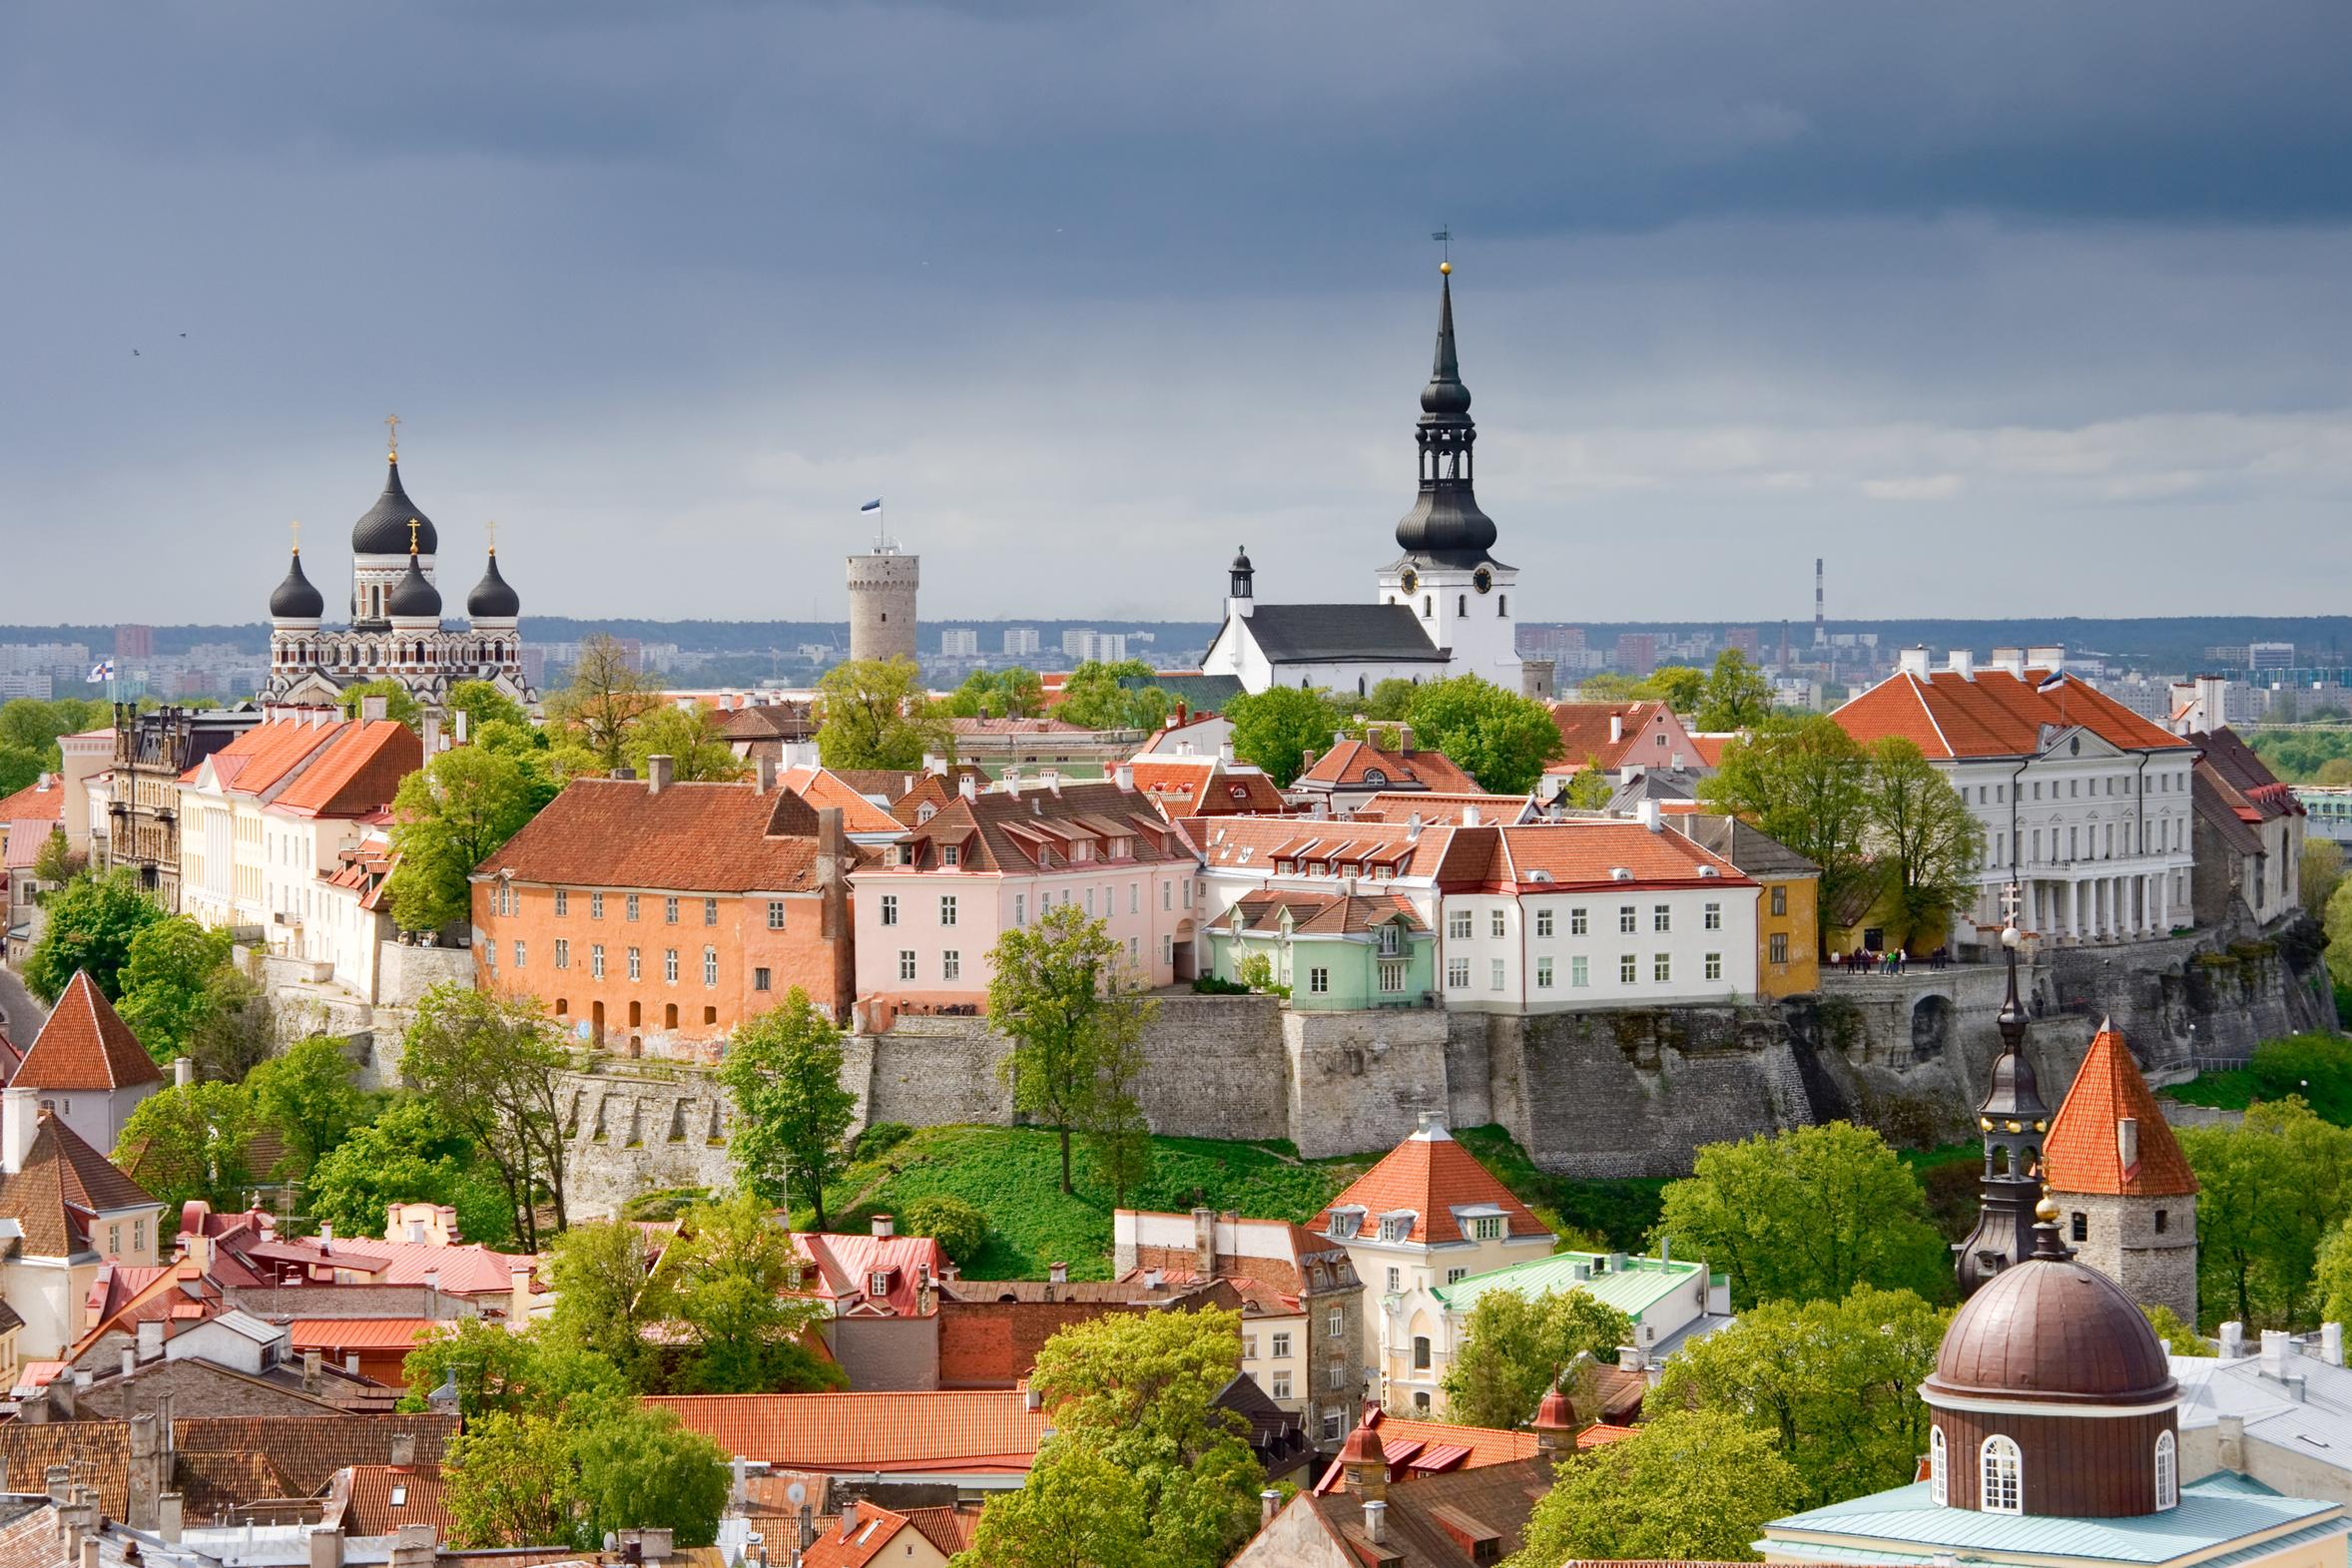 Эстония вид на жительство покупка недвижимости купить дом в алании турция